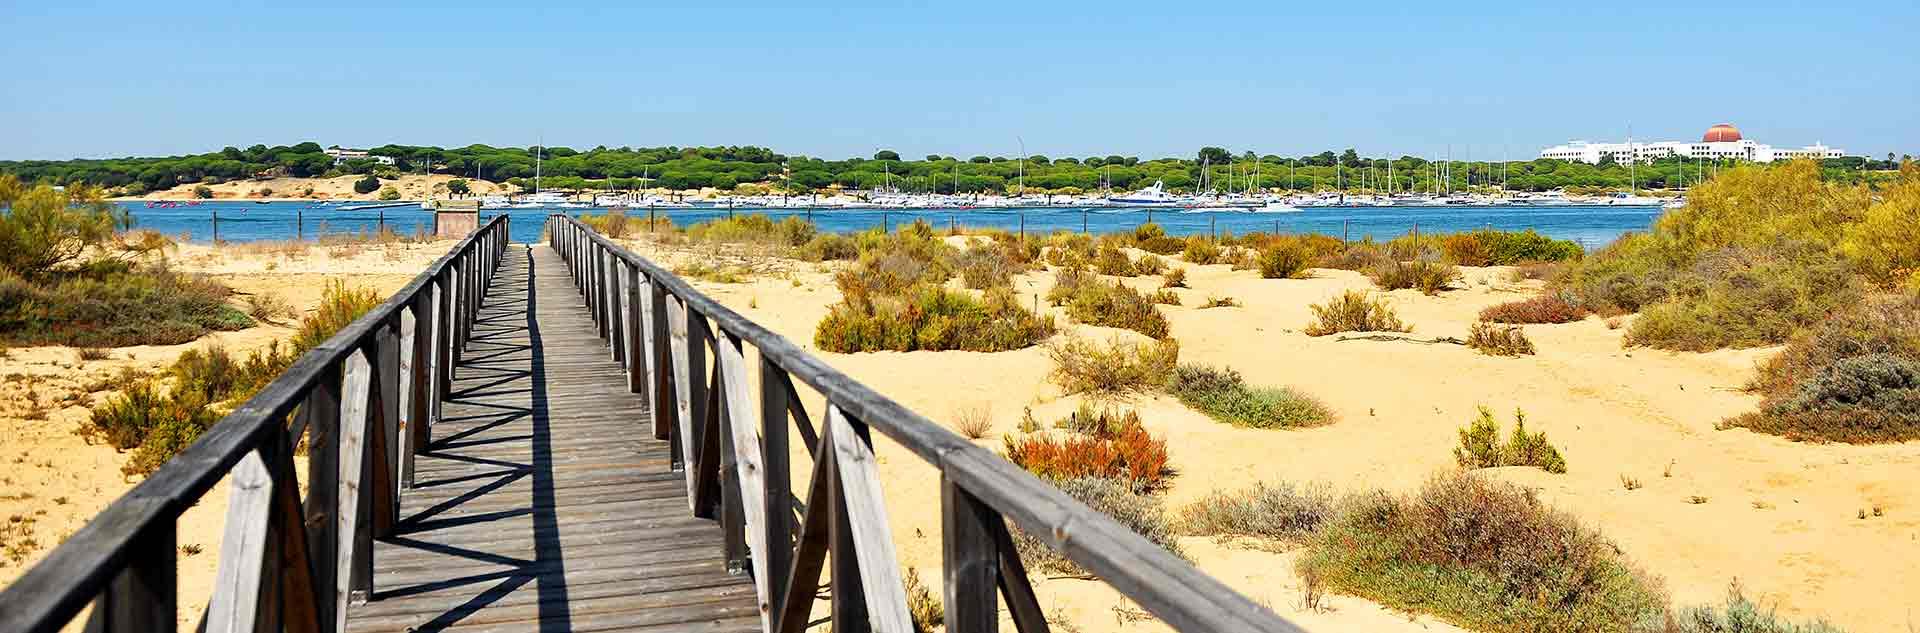 Vistas del Parque Natural Marismas del Río Piedras y Flecha del Rompido en Huelva